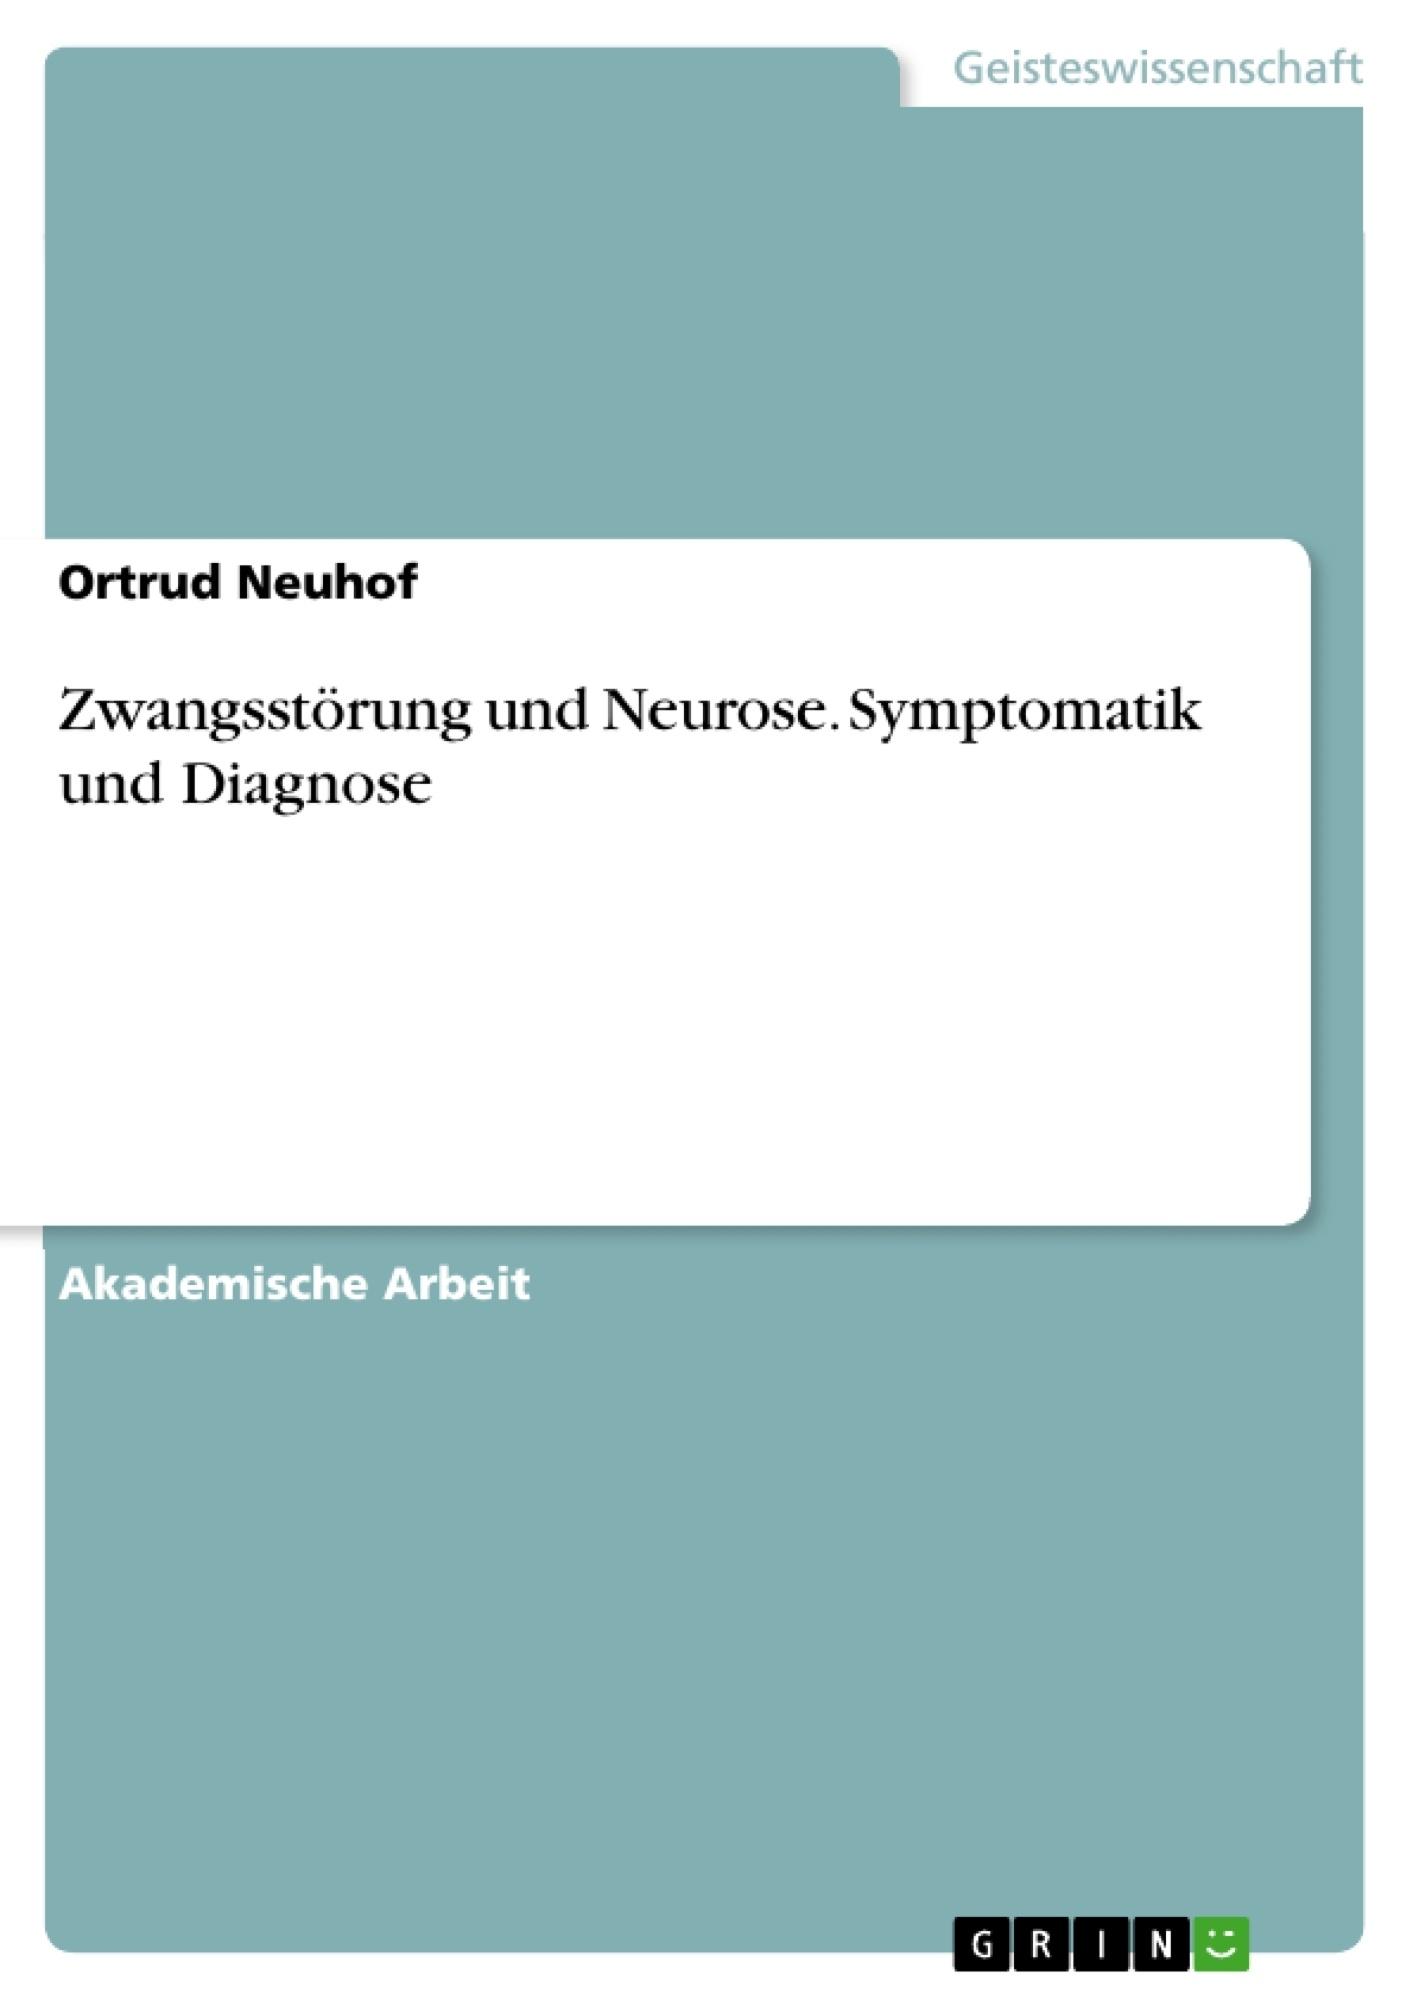 Titel: Zwangsstörung und Neurose. Symptomatik und Diagnose